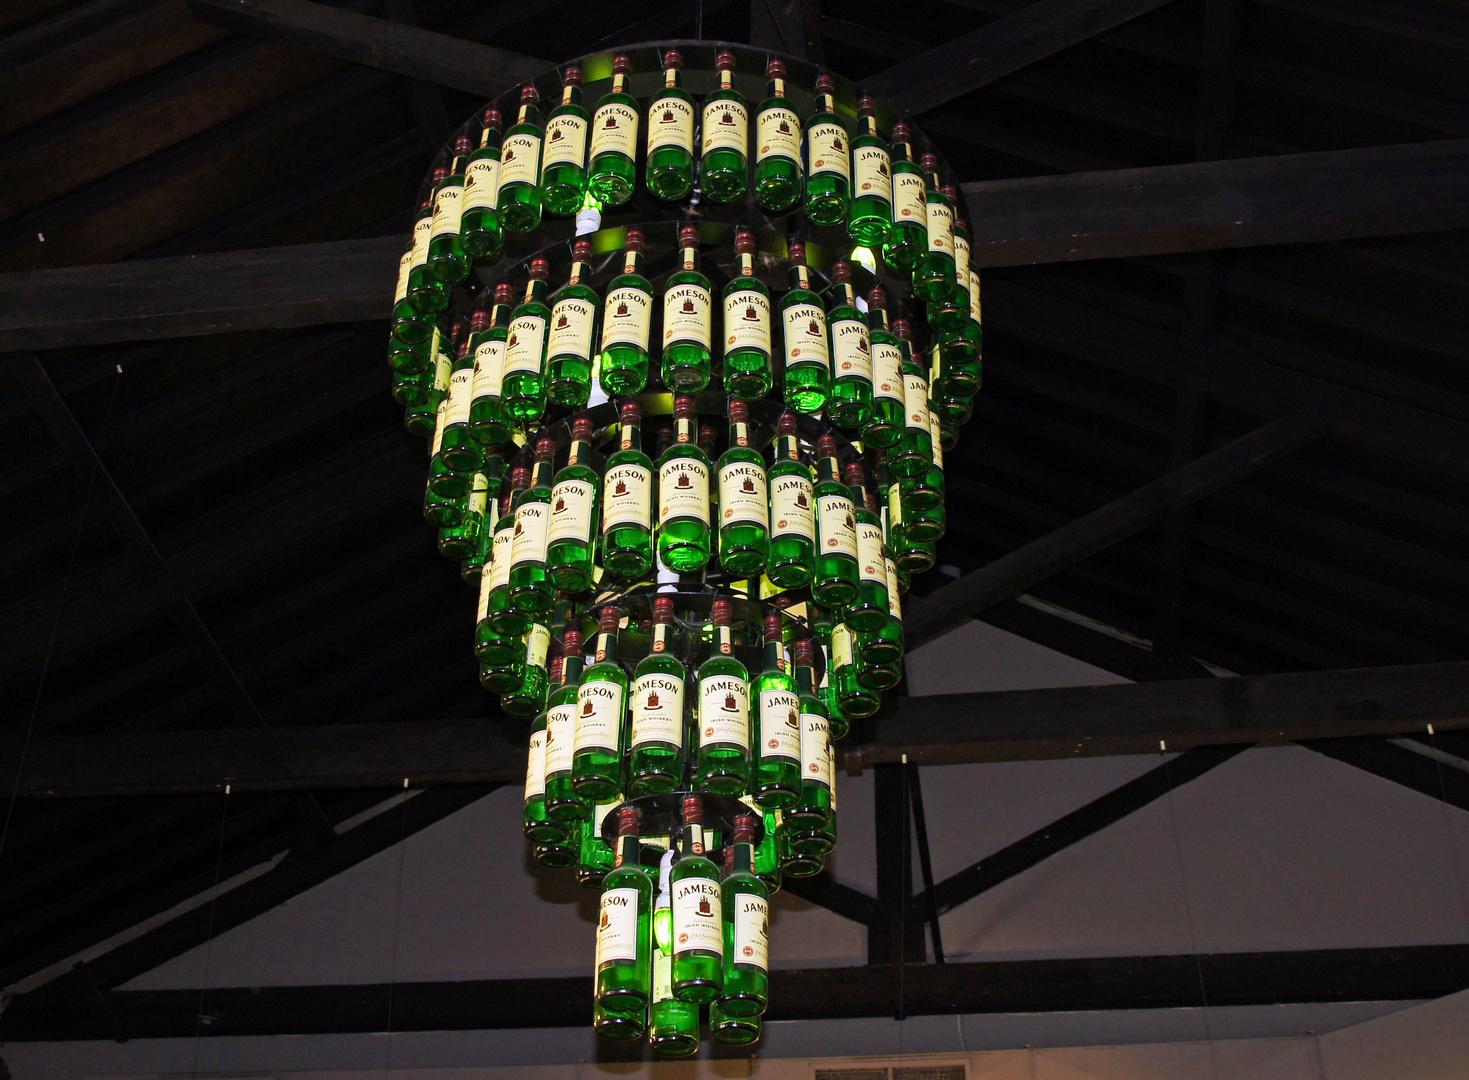 Jameson Kronleuchter Foto & Bild | irland, leuchter, whiskey Bilder ...